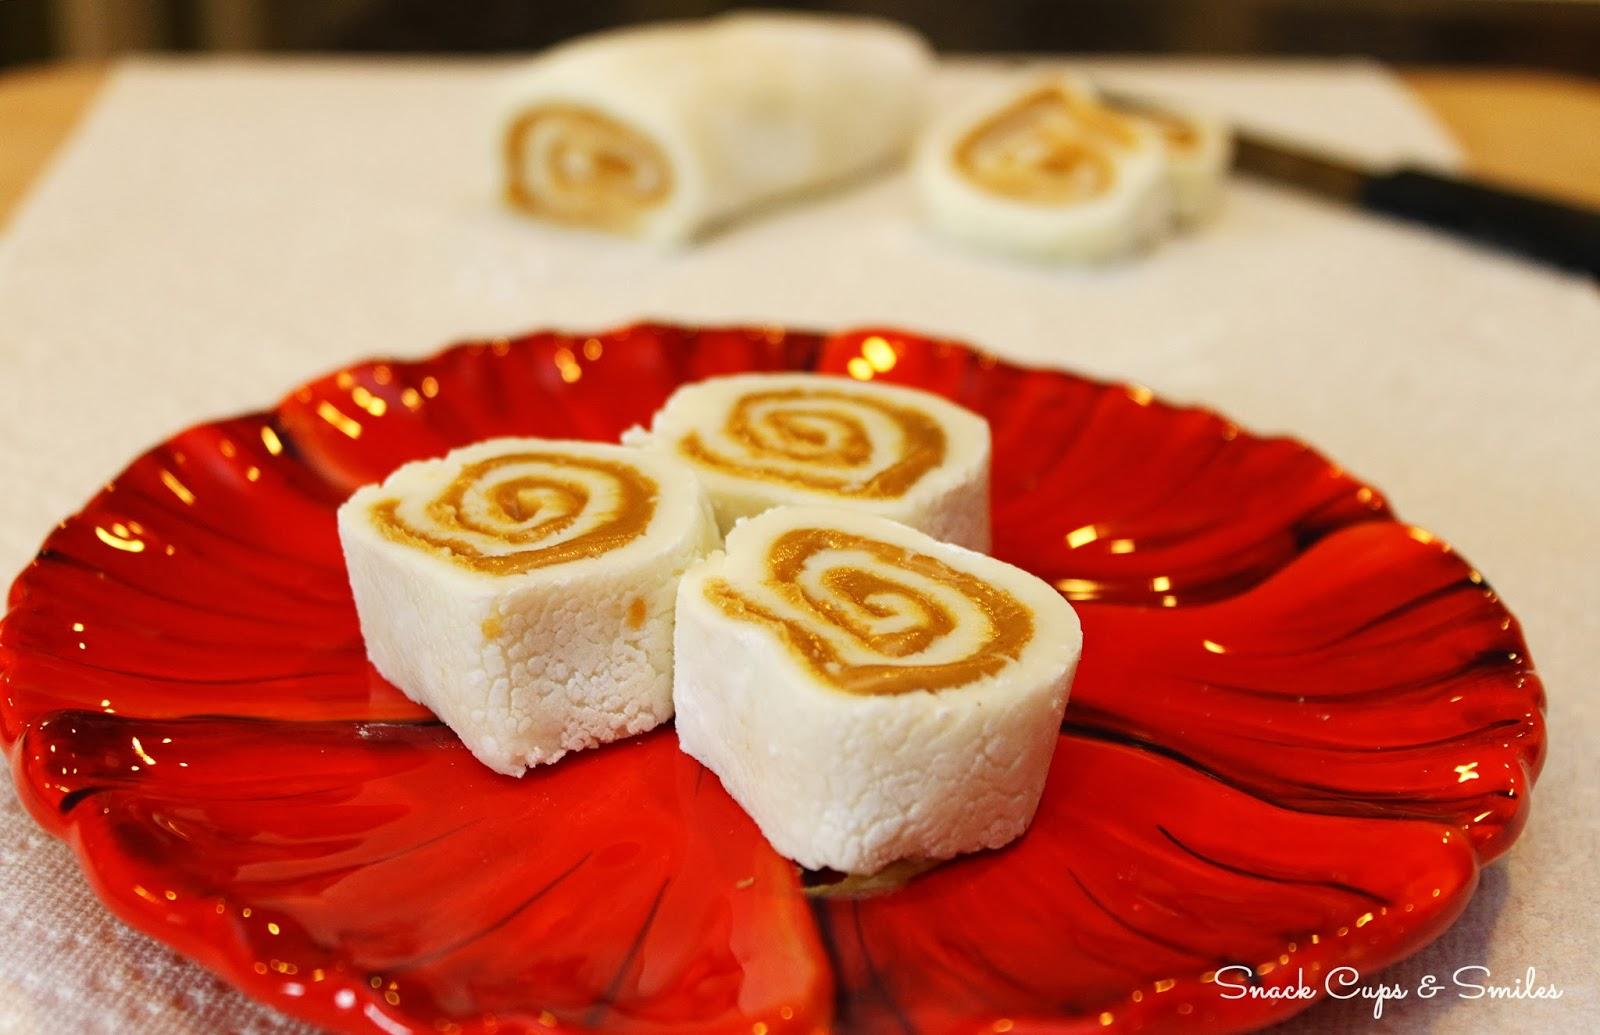 peanut butter roll #candy #desserts #peanutbutter